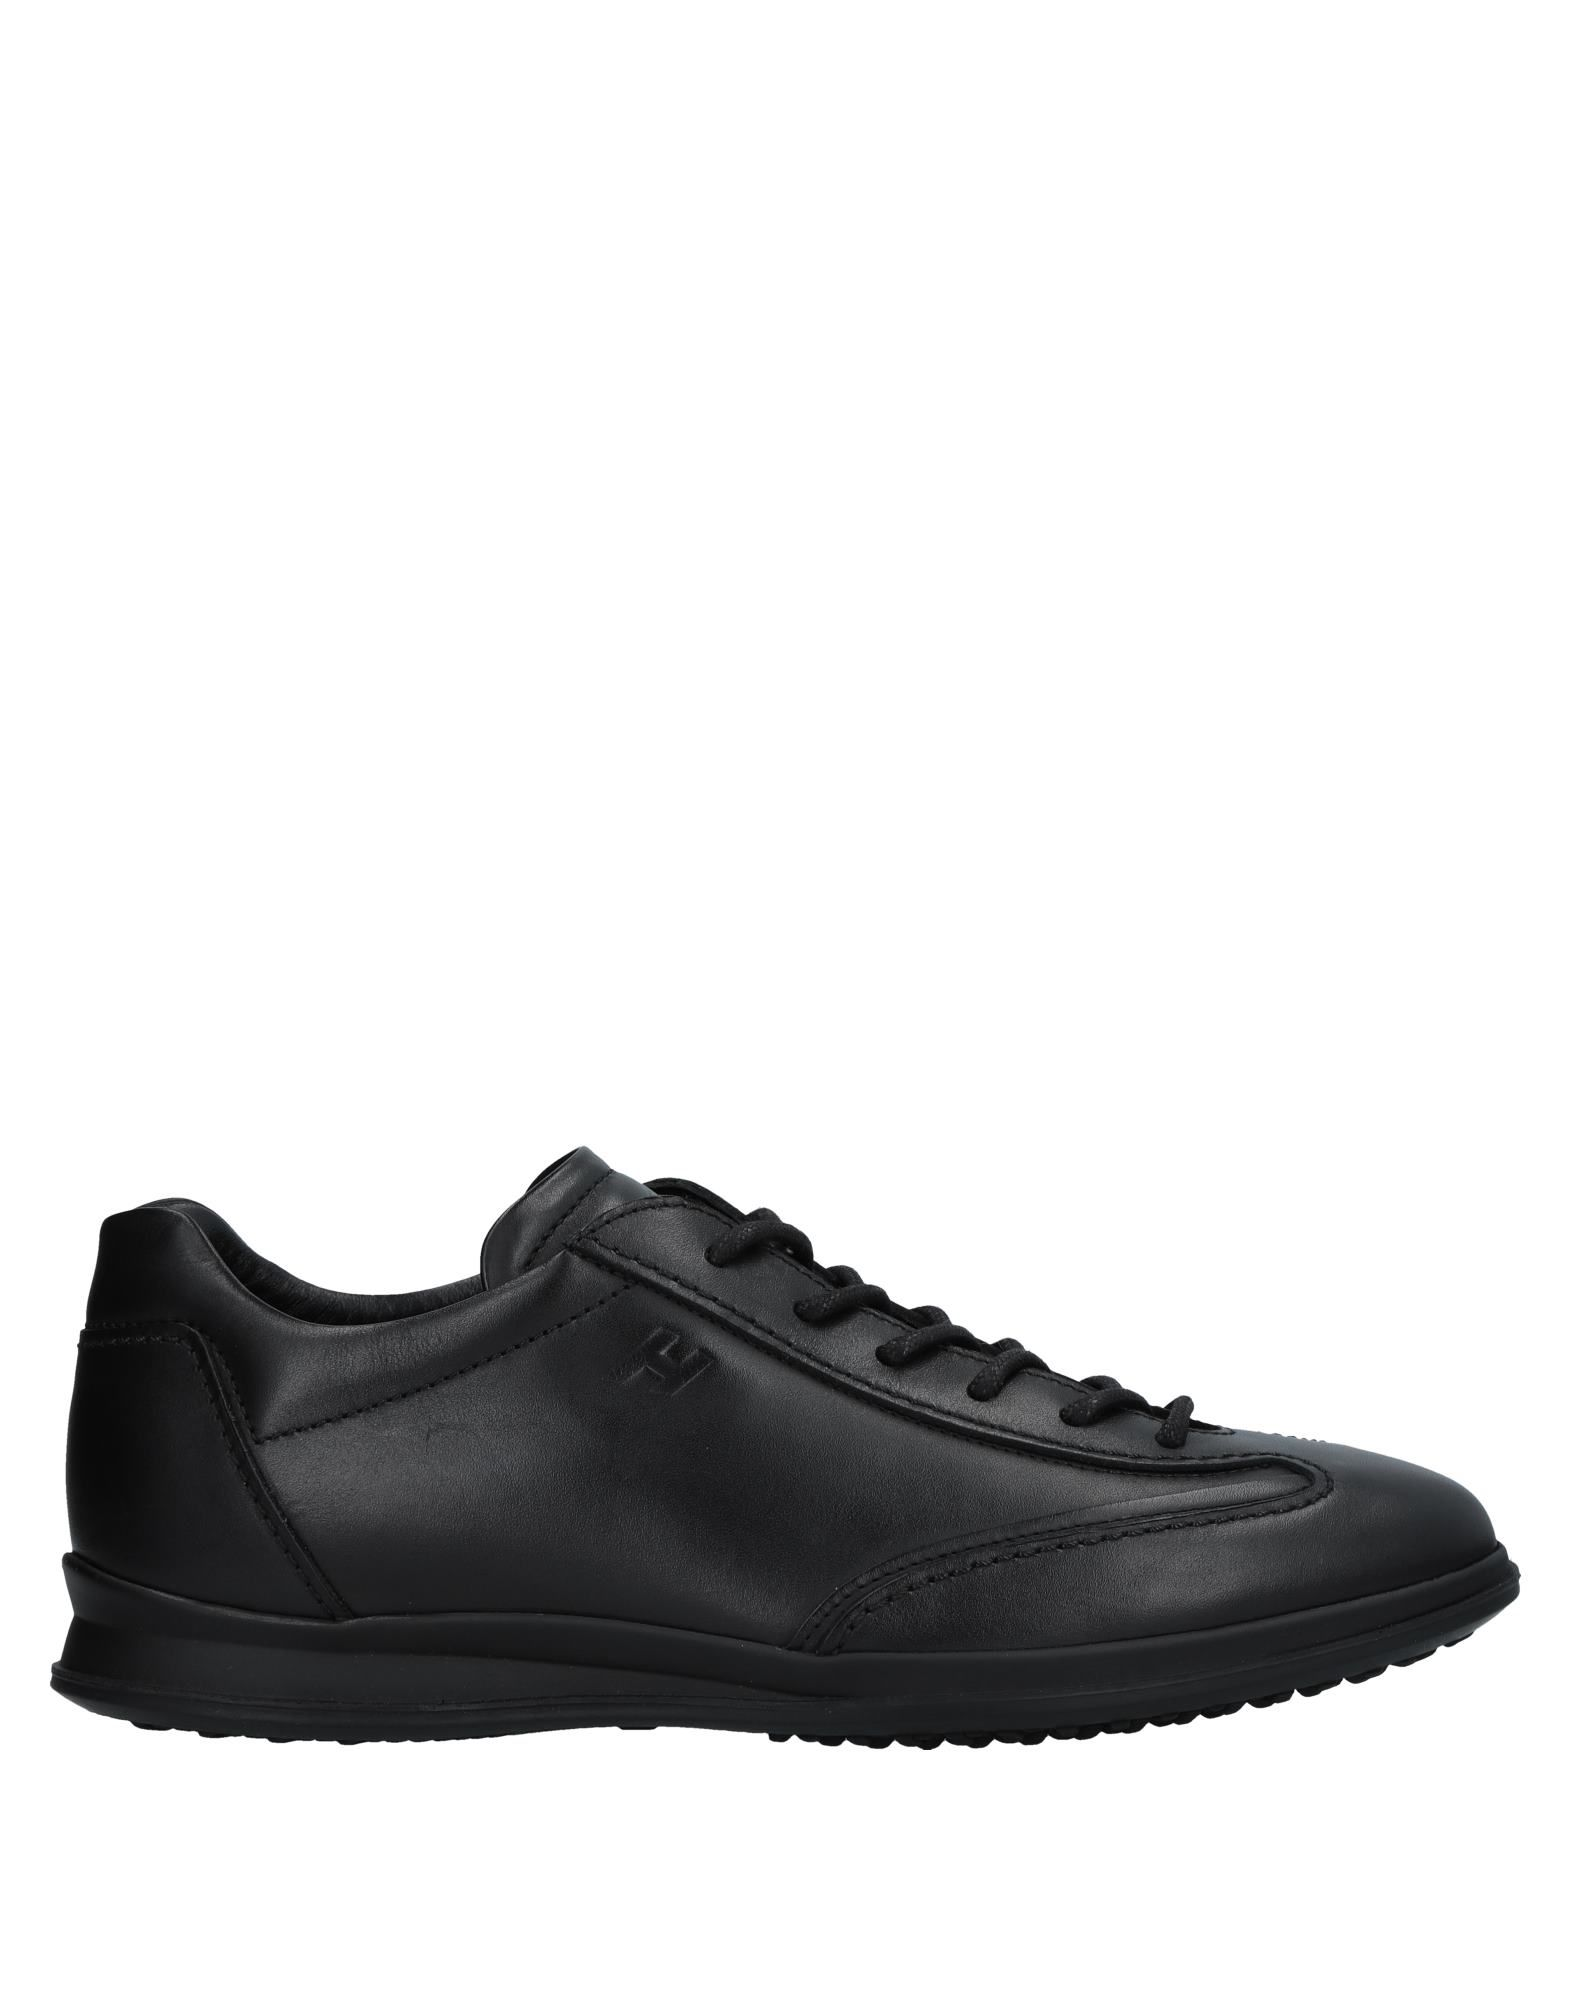 Sneakers Hogan Uomo - 11518562CE Scarpe economiche e buone